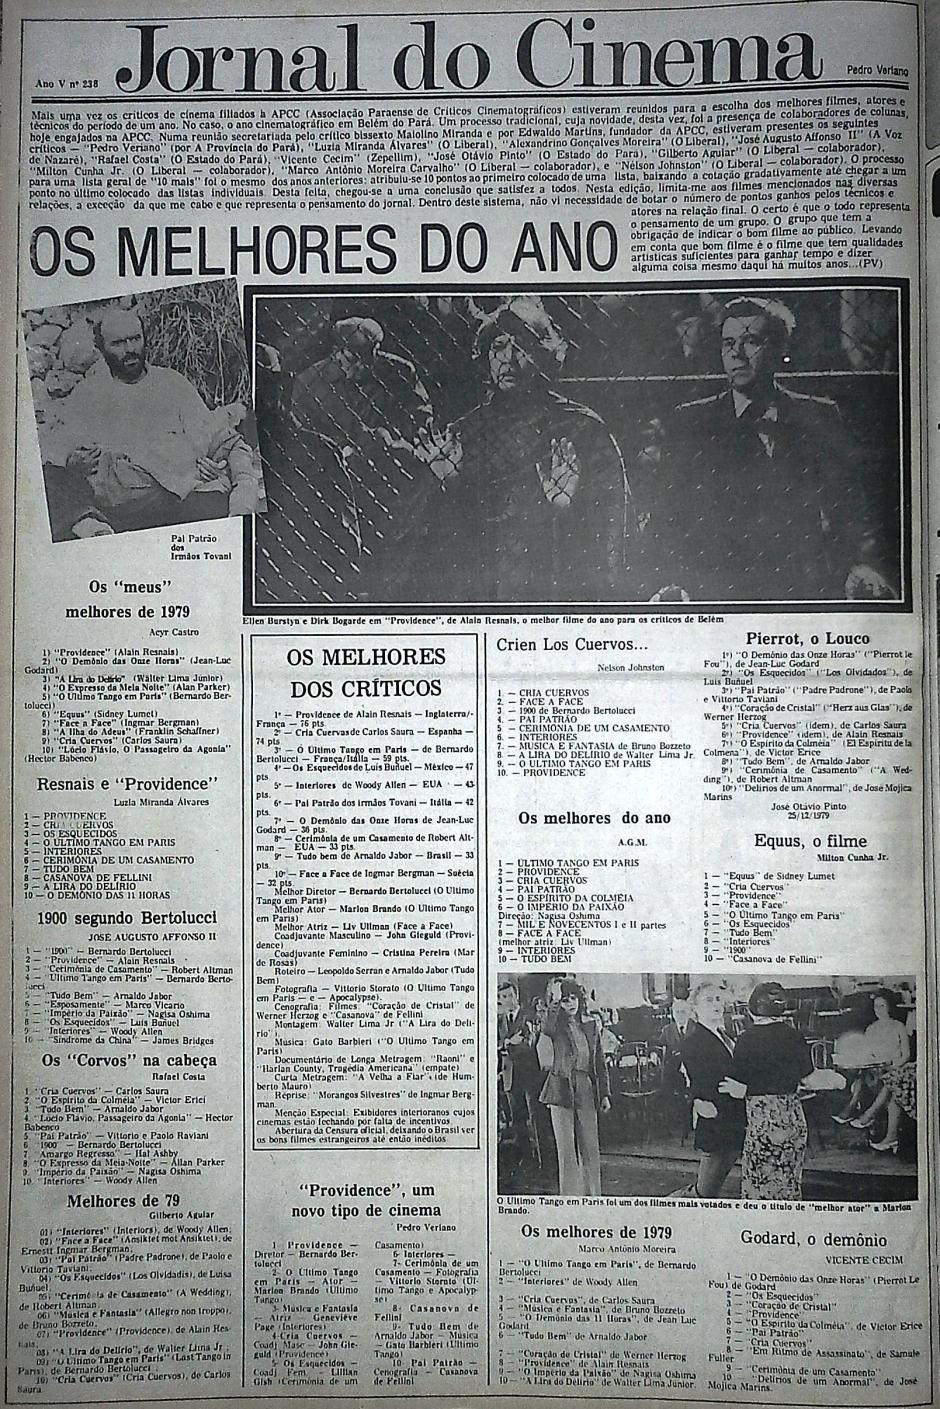 Melhores ACCPA 1979